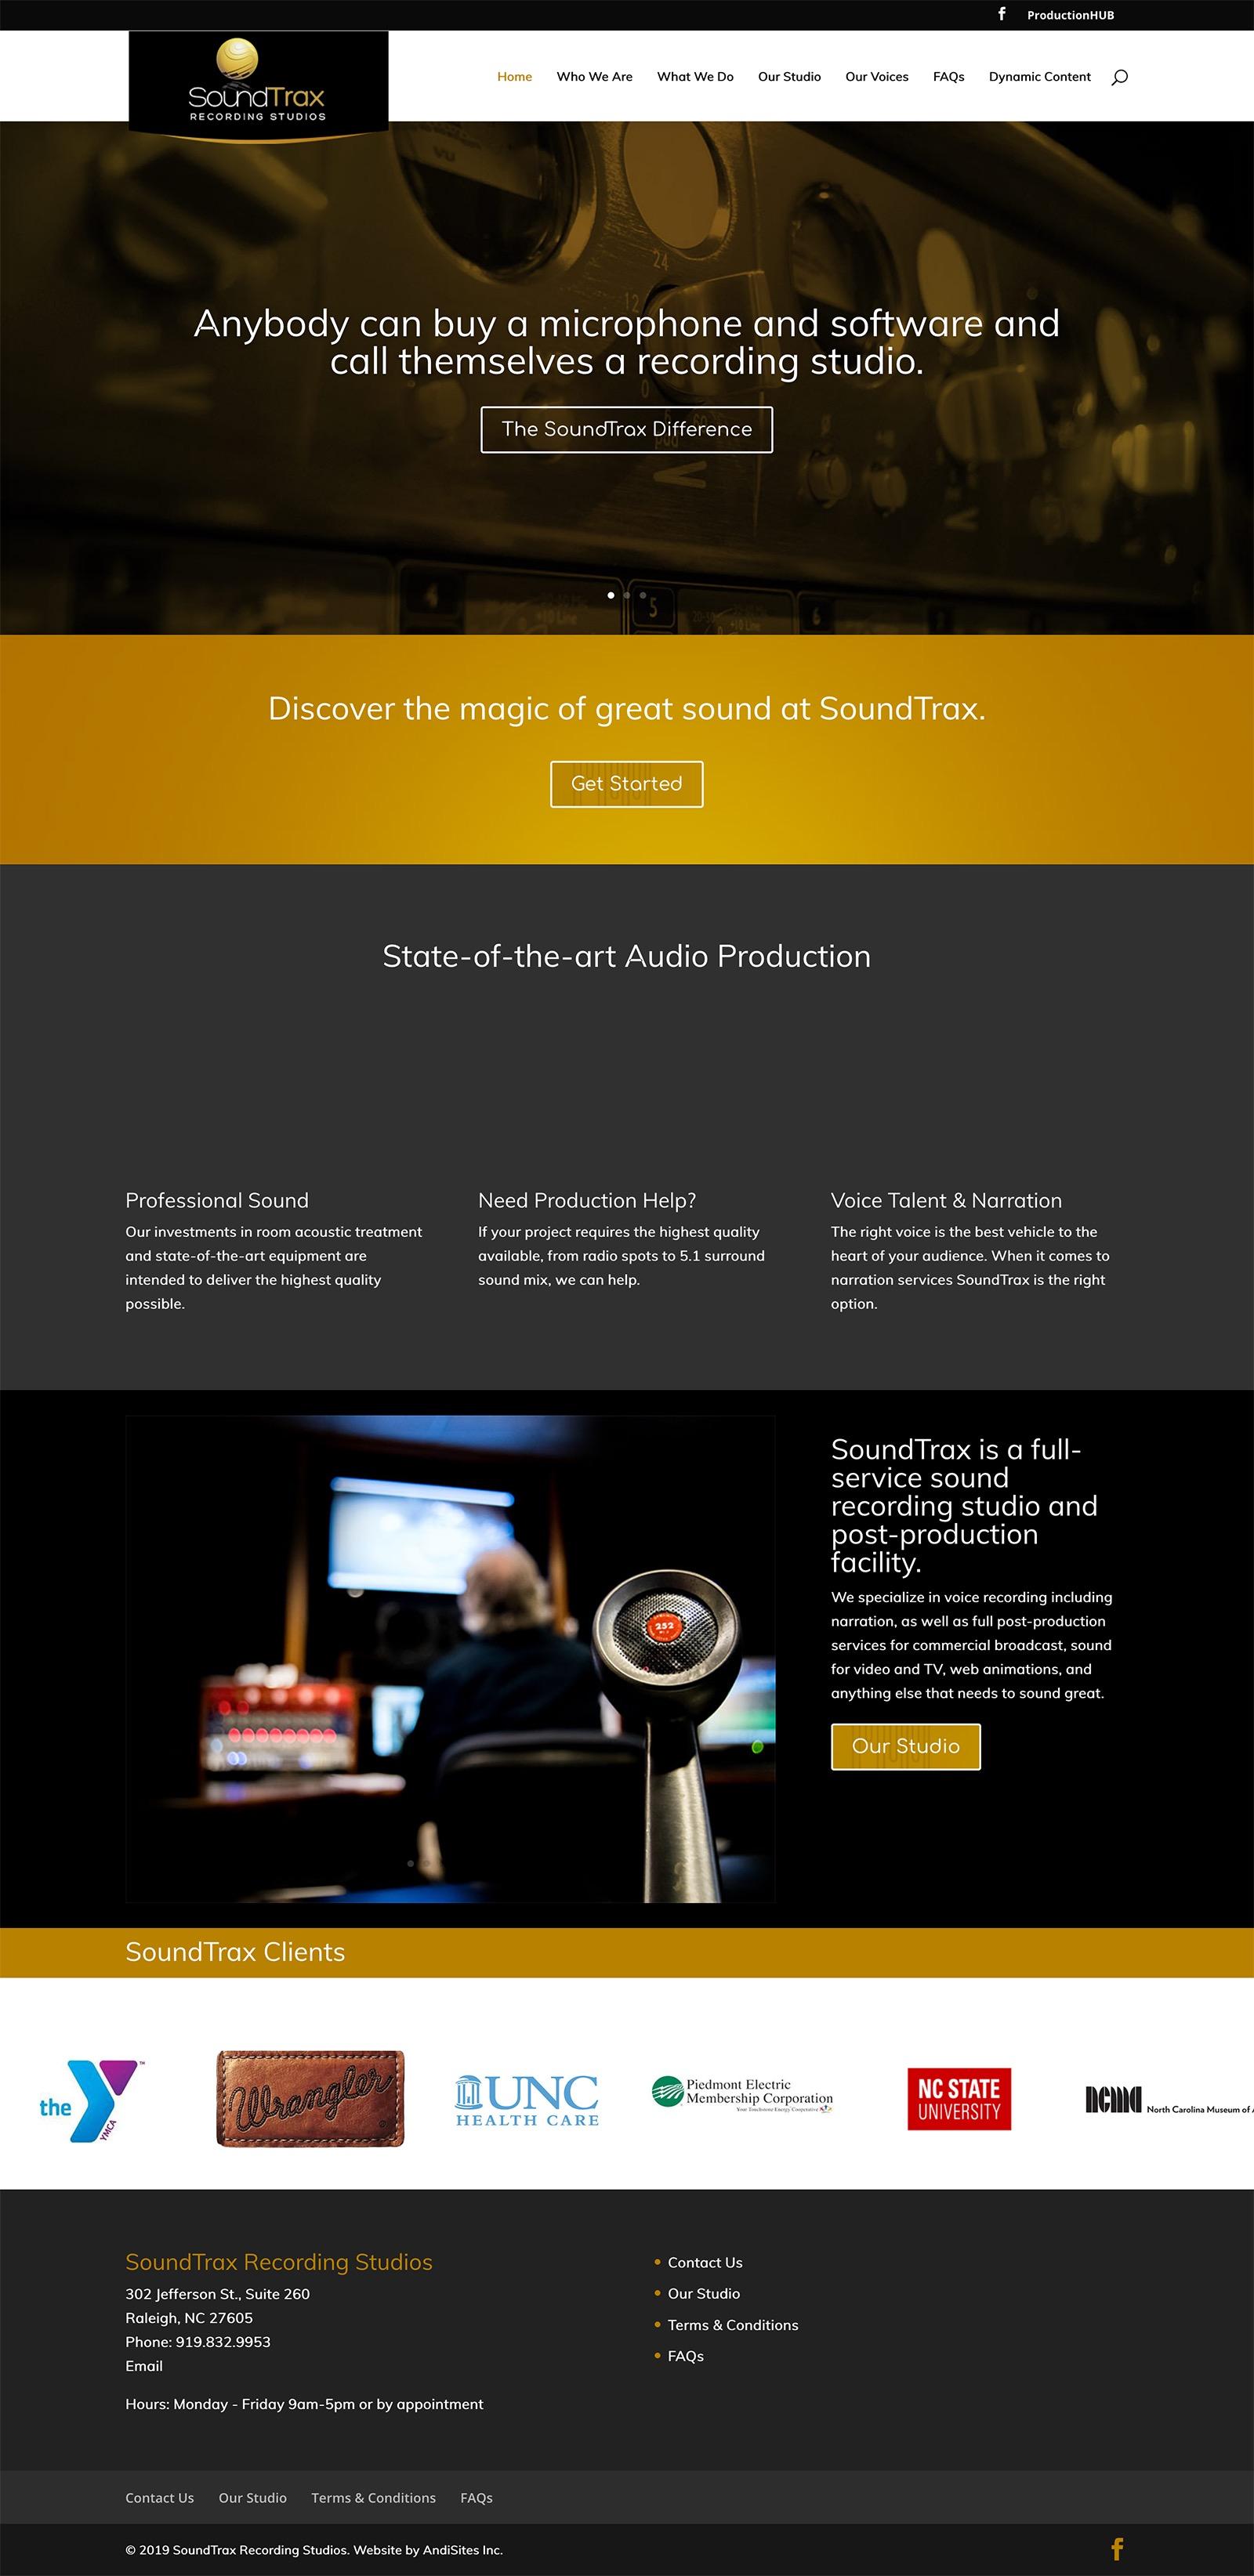 SoundTrax Recording Studios